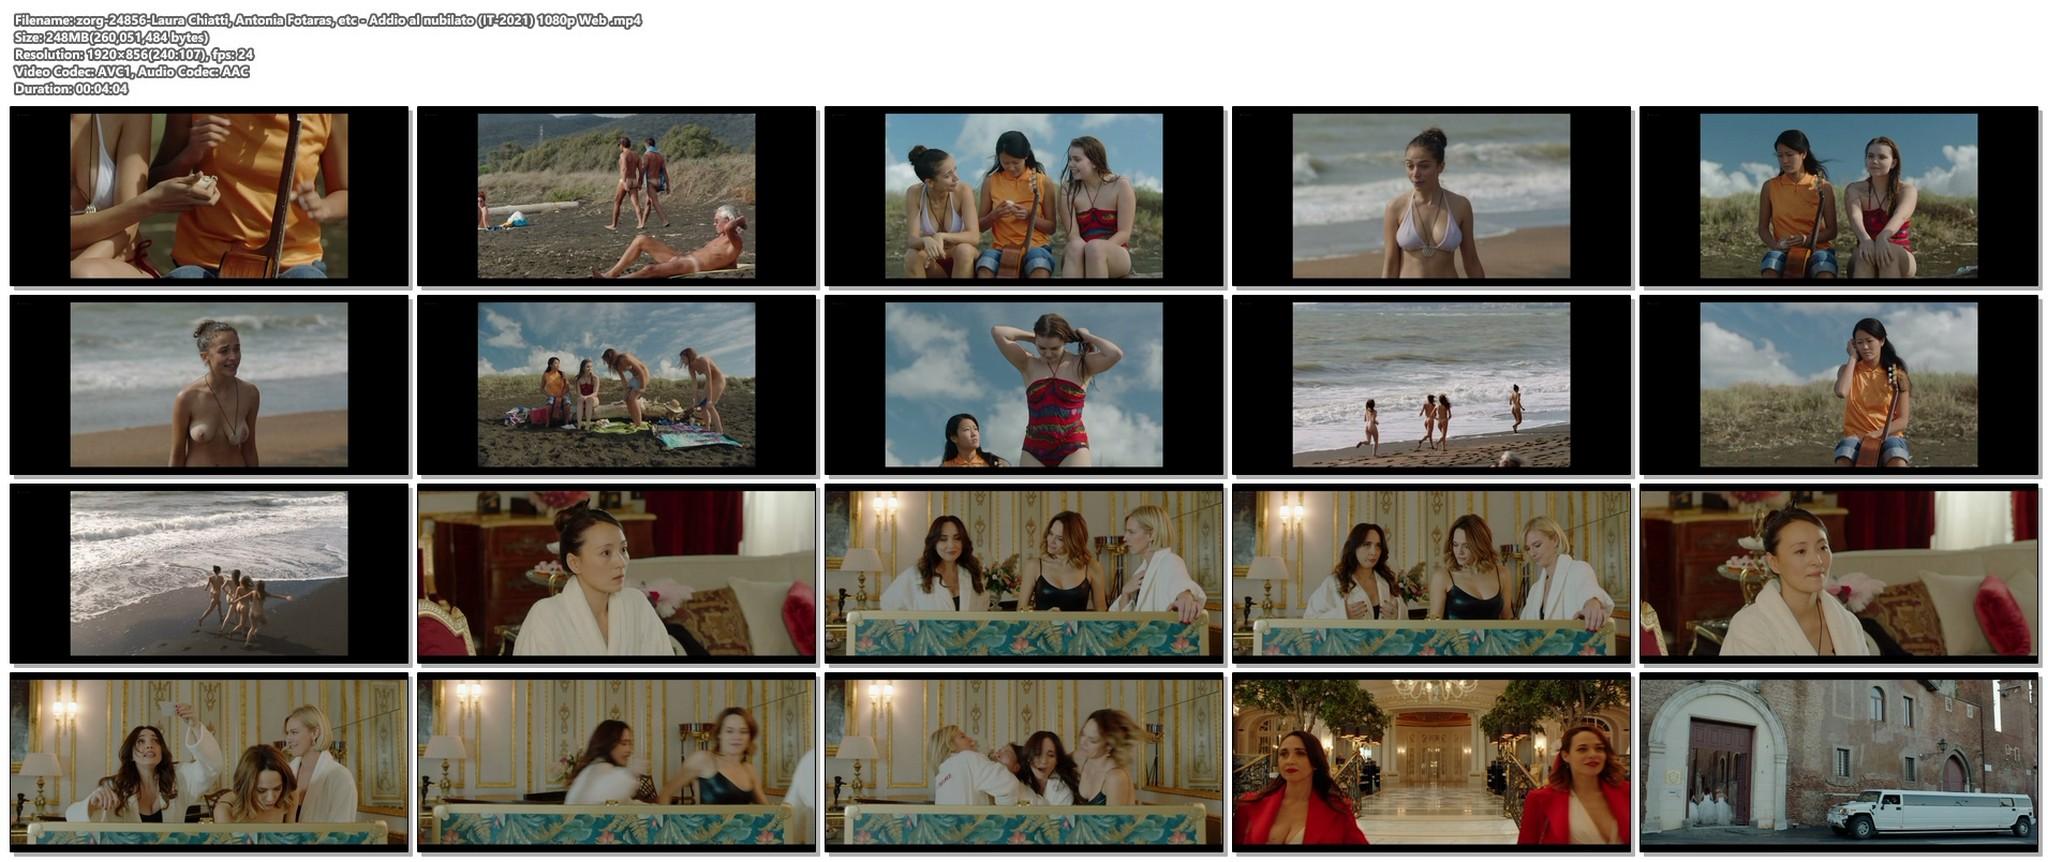 Laura Chiatti nude Antonia Fotaras and others nude bush and topless Addio al nubilato IT 2021 1080p Web 18